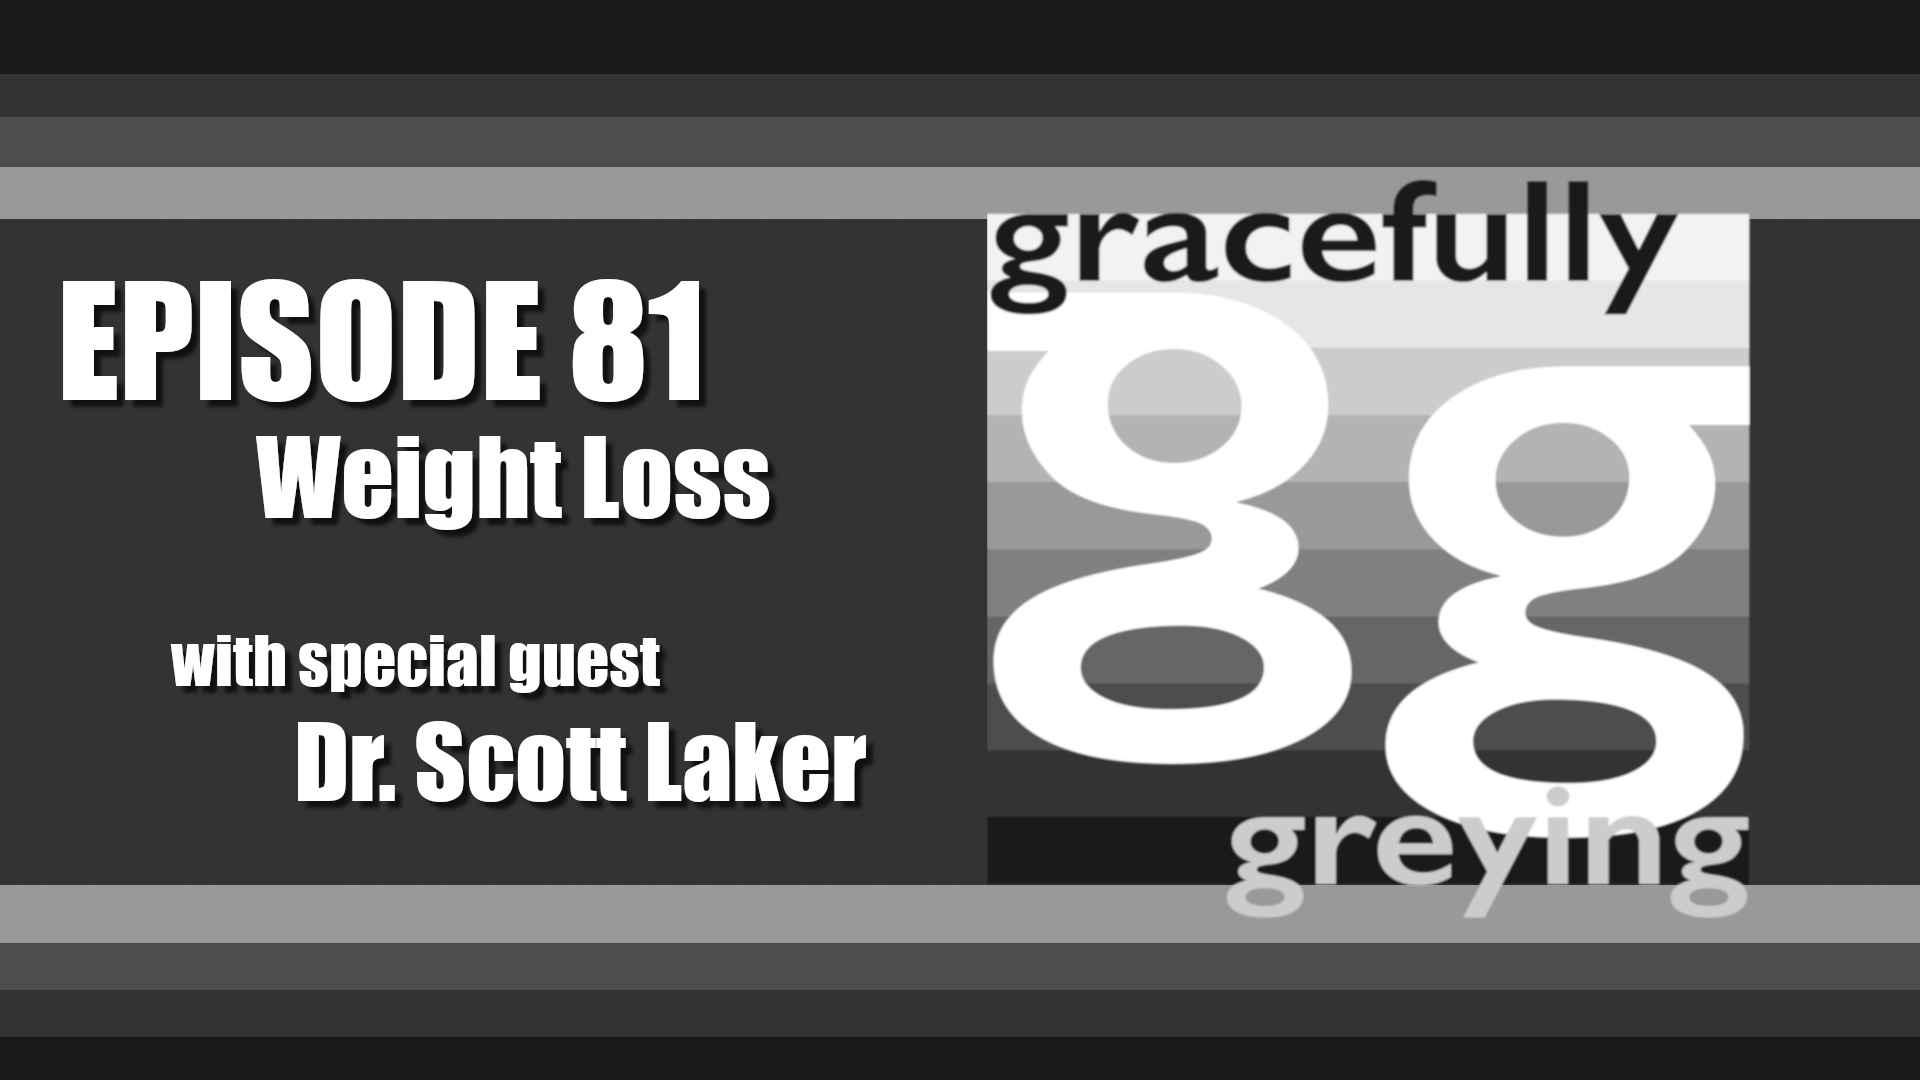 Gracefully Greying - Episode 81